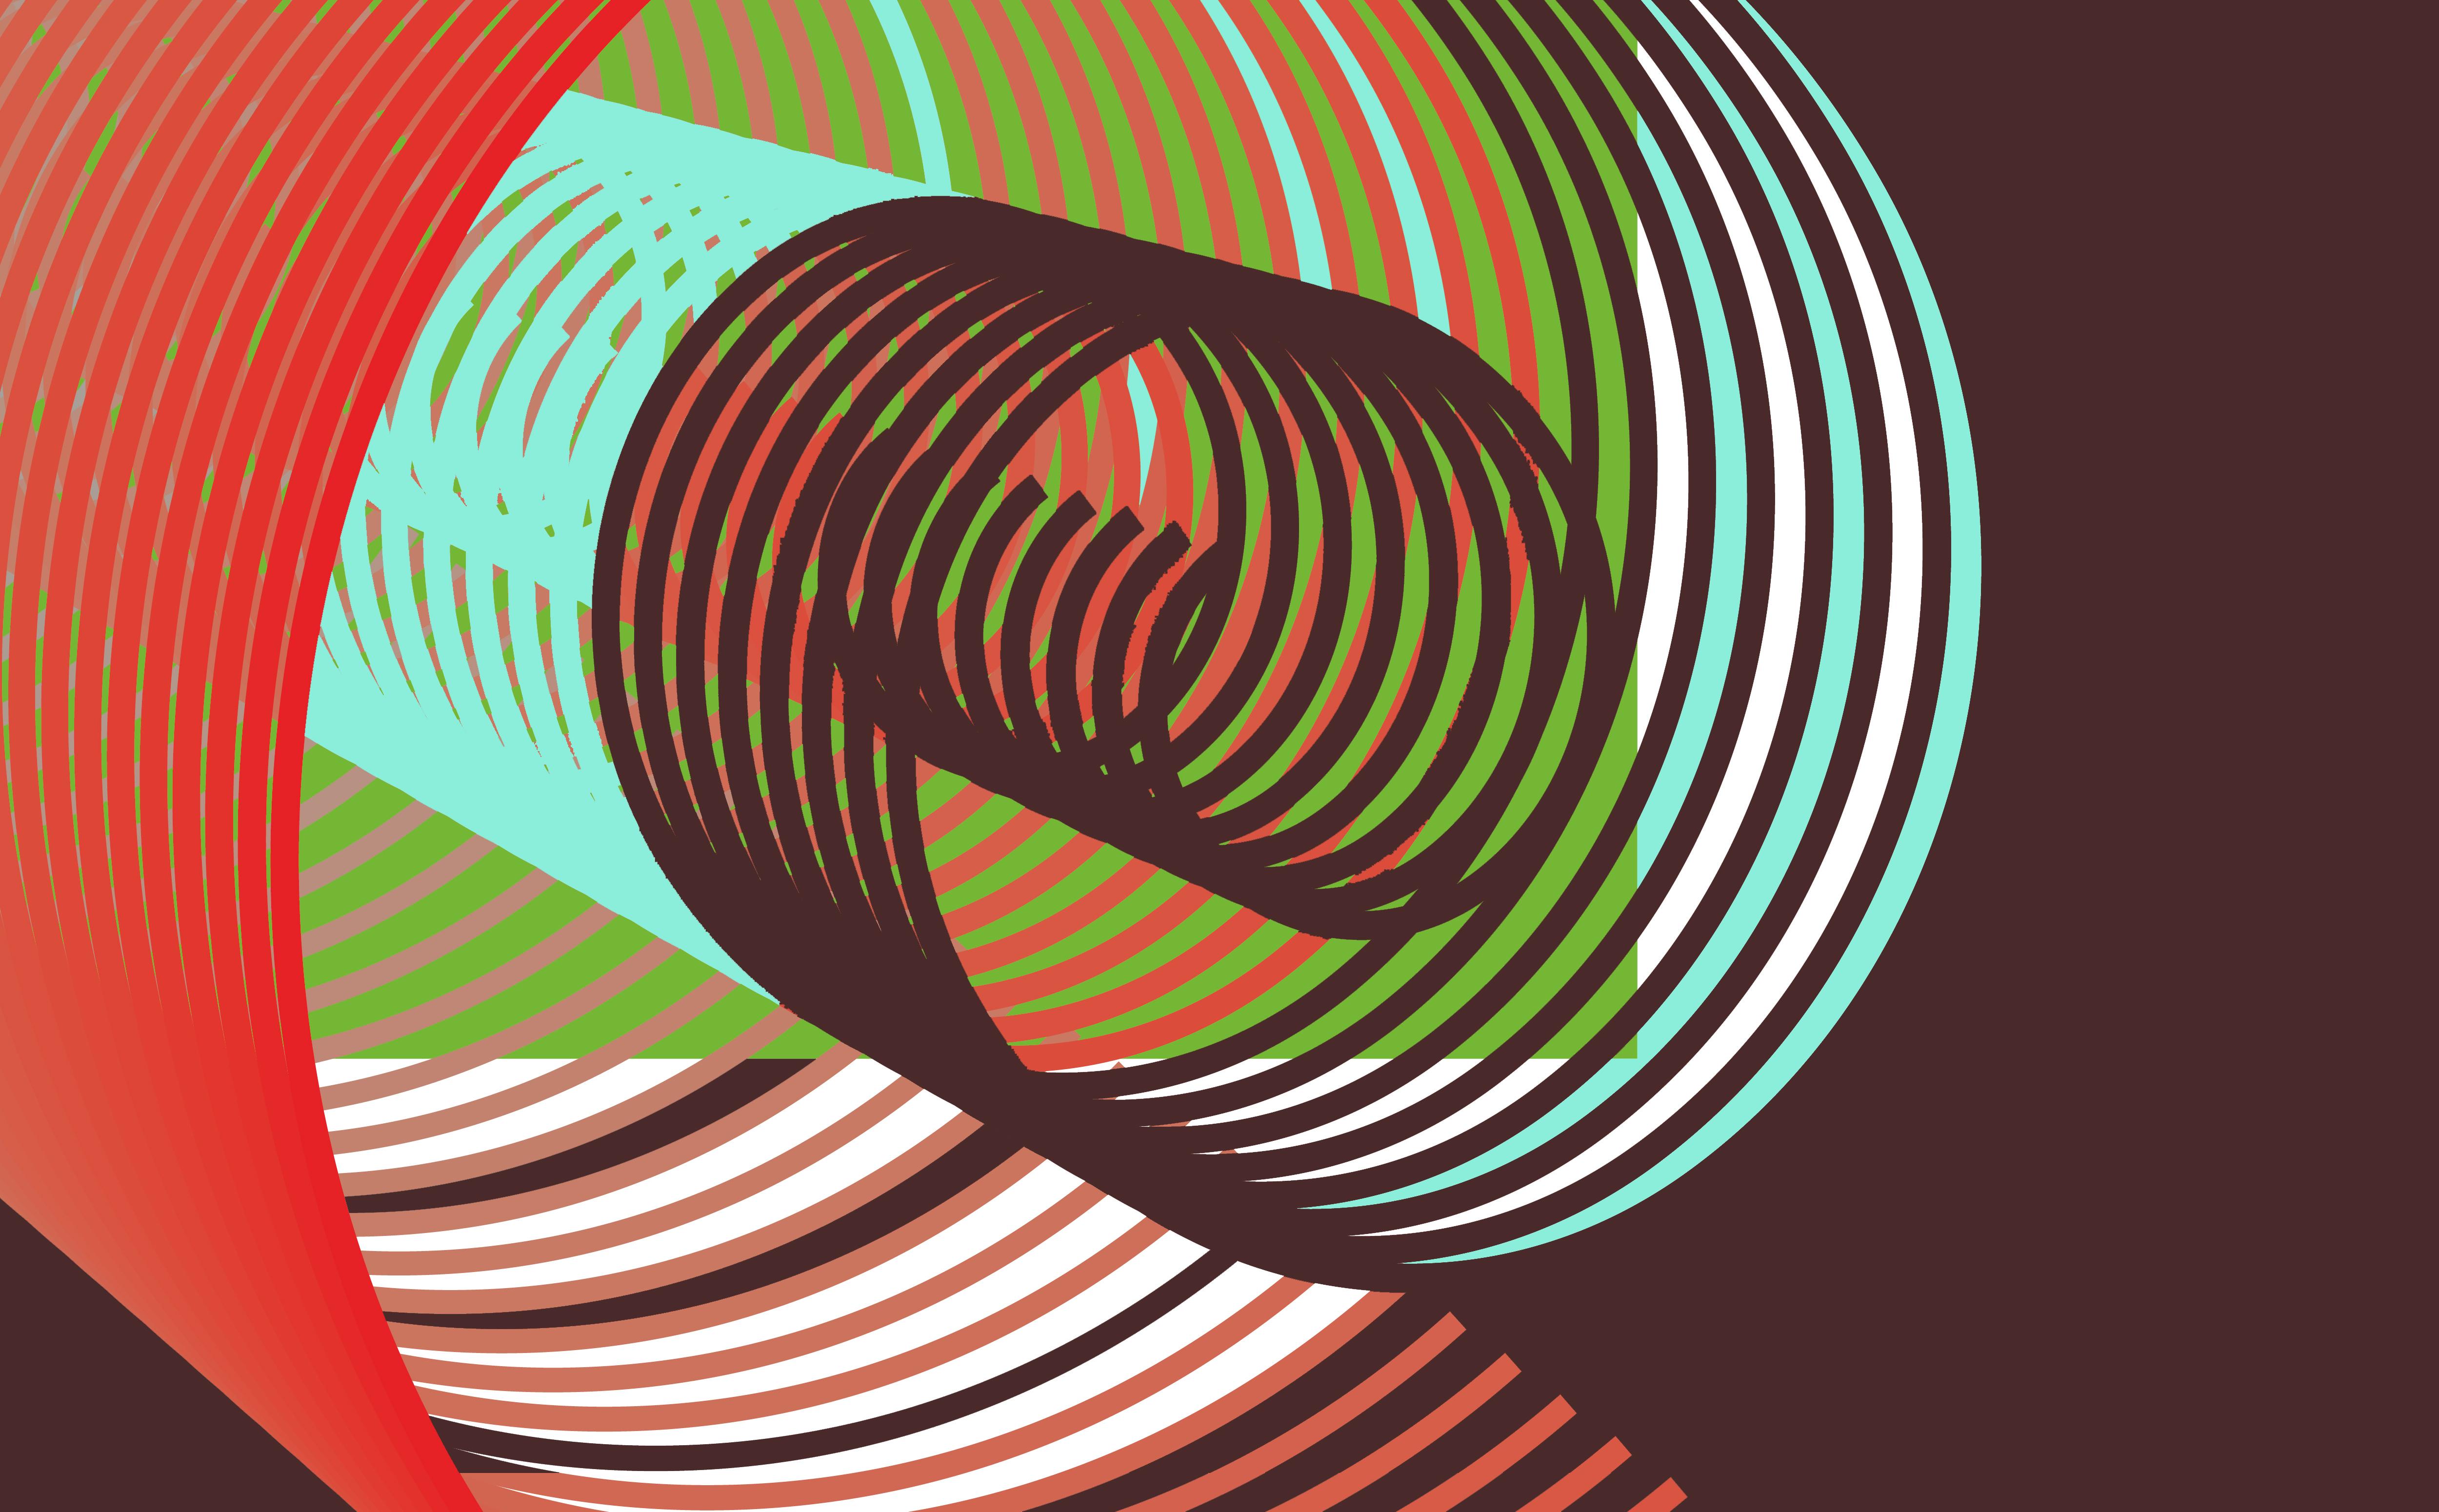 57519壁紙のダウンロード抽象, 線, 台詞, 回転, 自転, イリュージョン, 幻, カラフル-スクリーンセーバーと写真を無料で